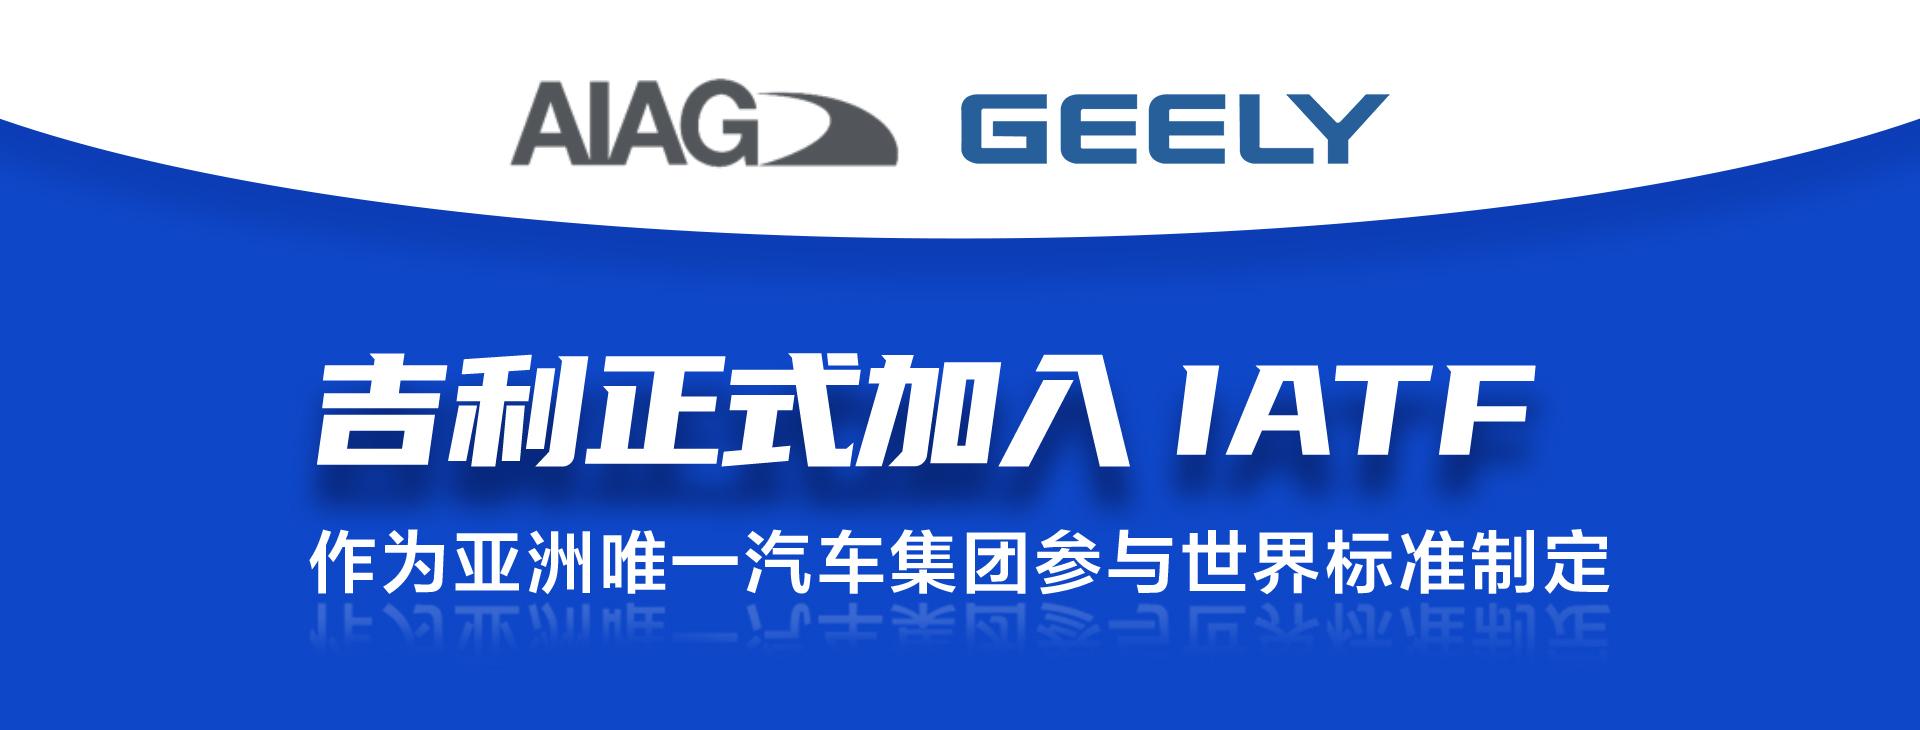 Geely进入IATF图片.jpg